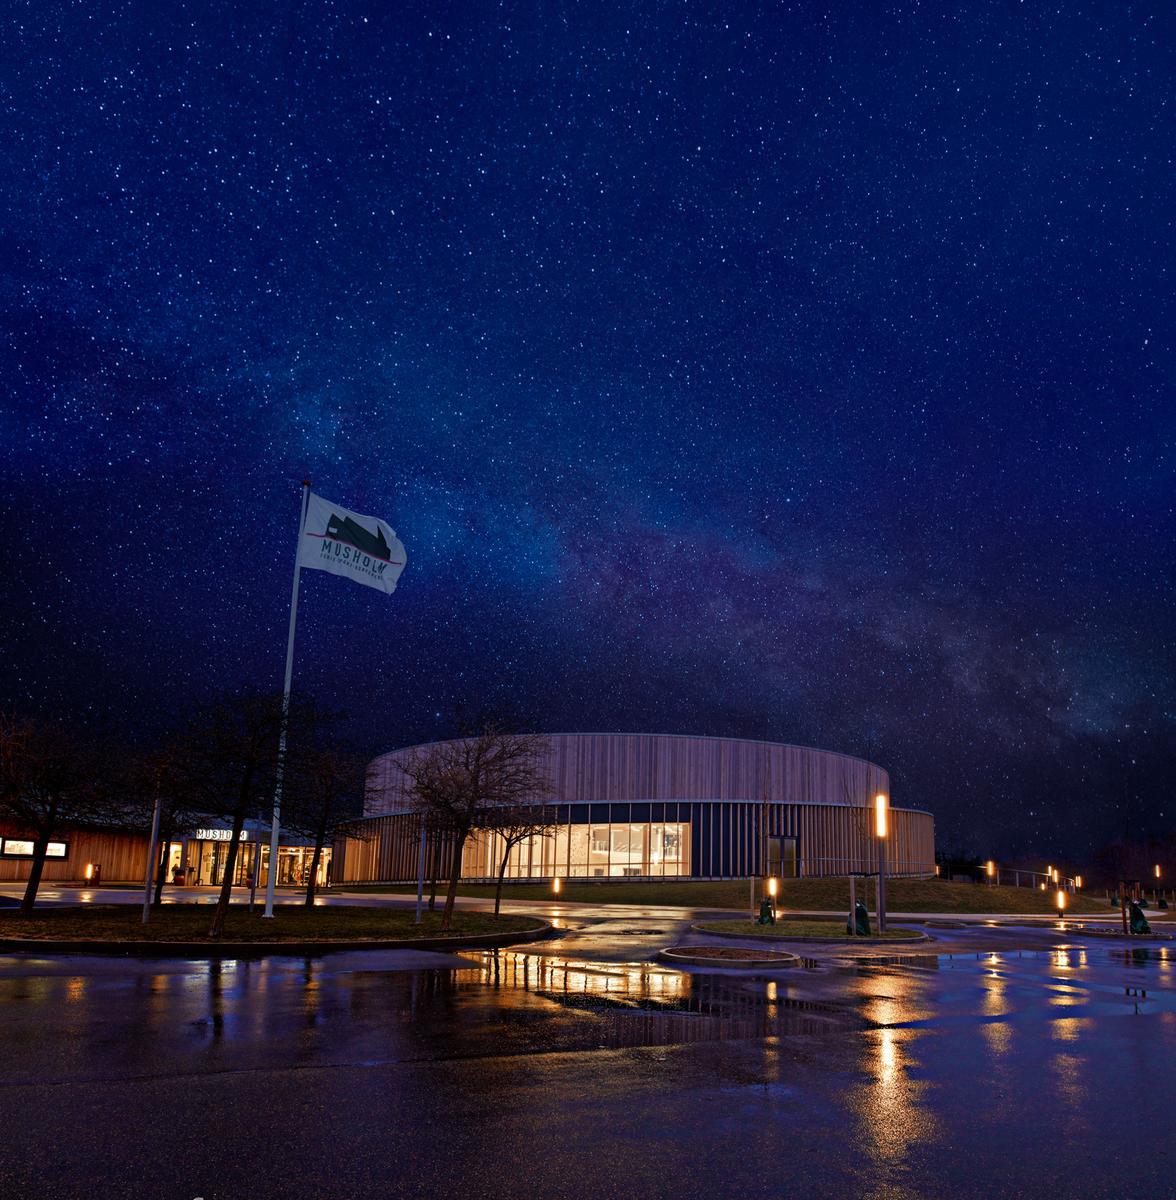 Bilde av Musholm Bugt Feriecenter, Korsør, Danmark